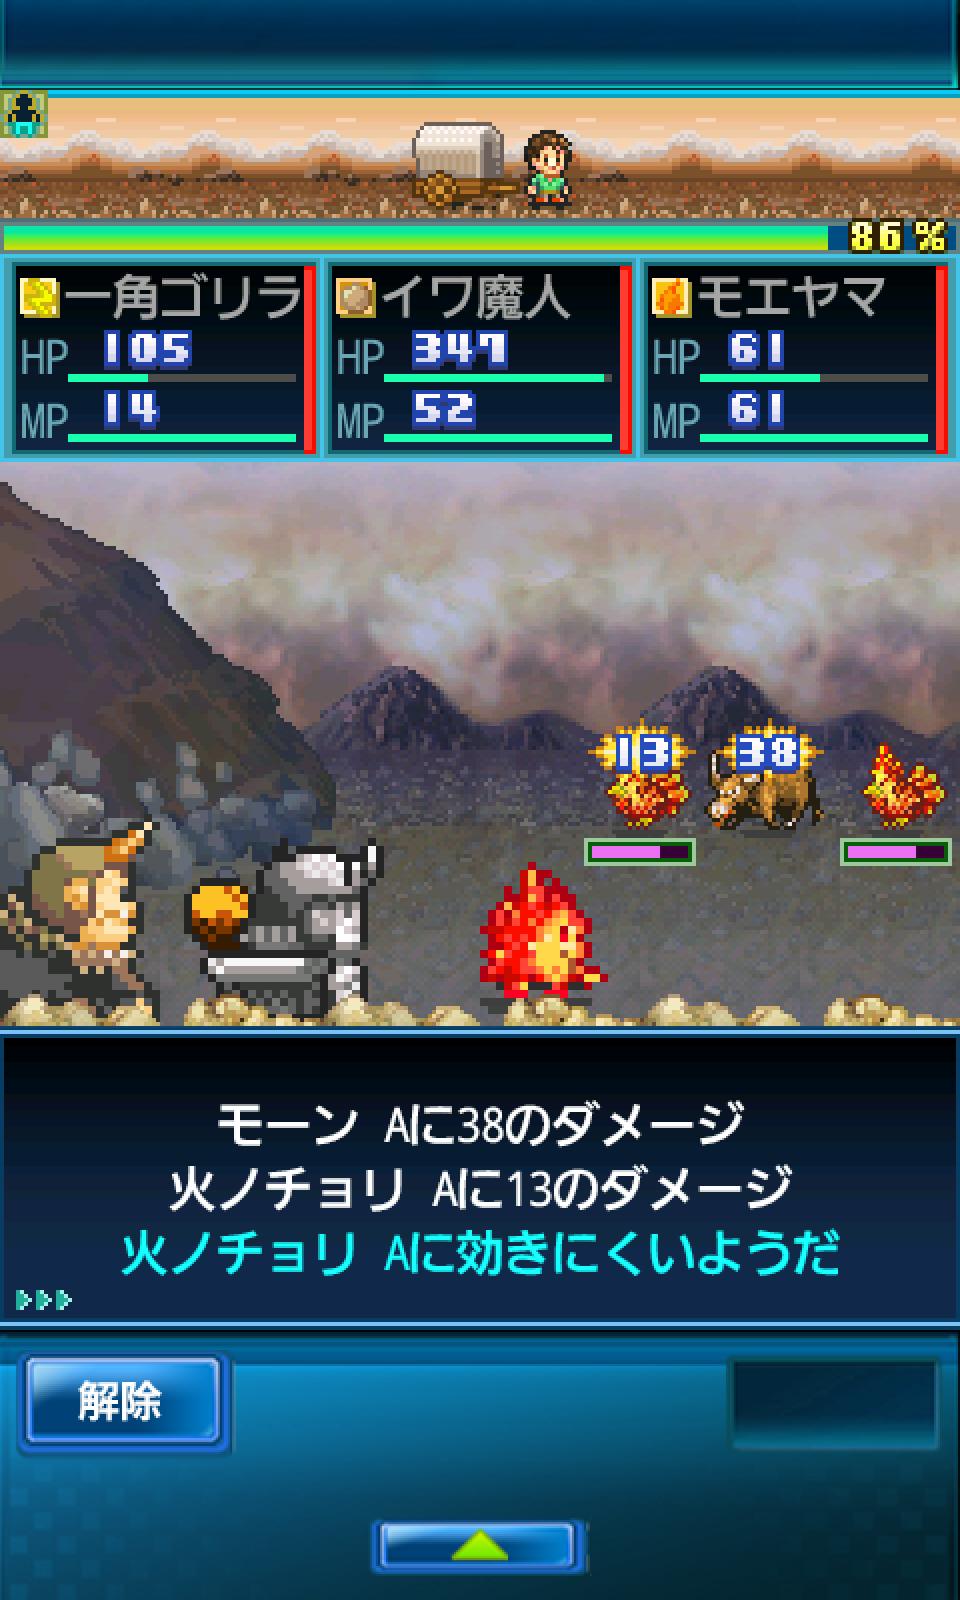 開拓サバイバル島 screenshot #19